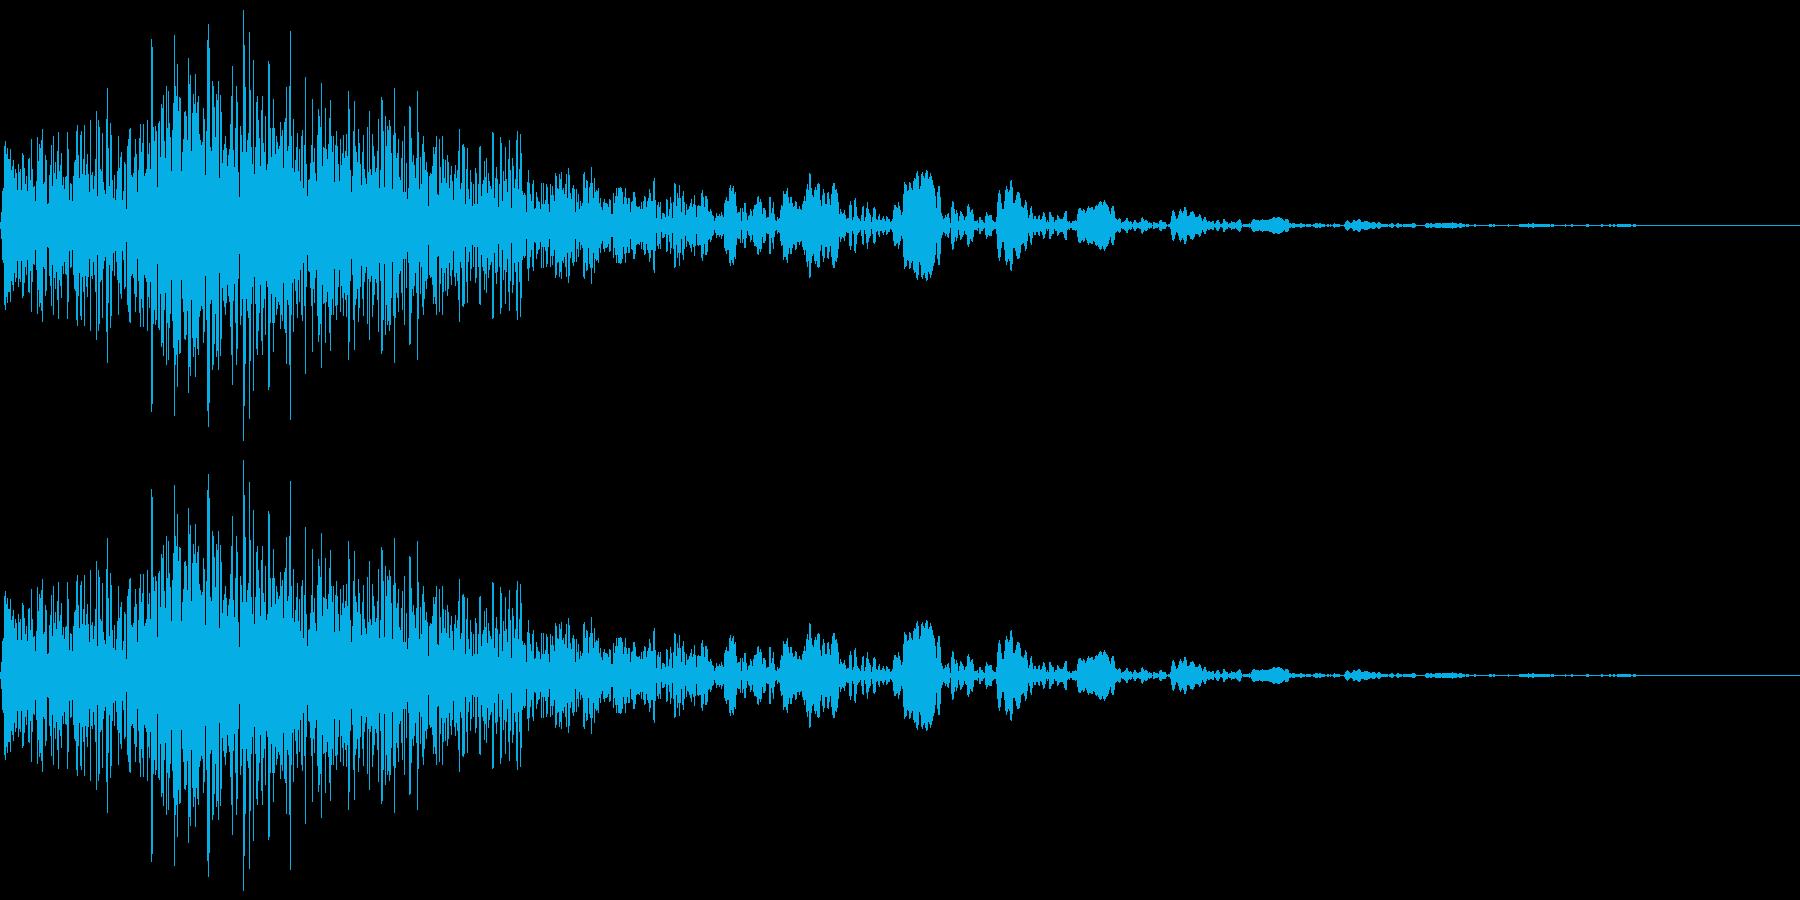 衝撃音の再生済みの波形